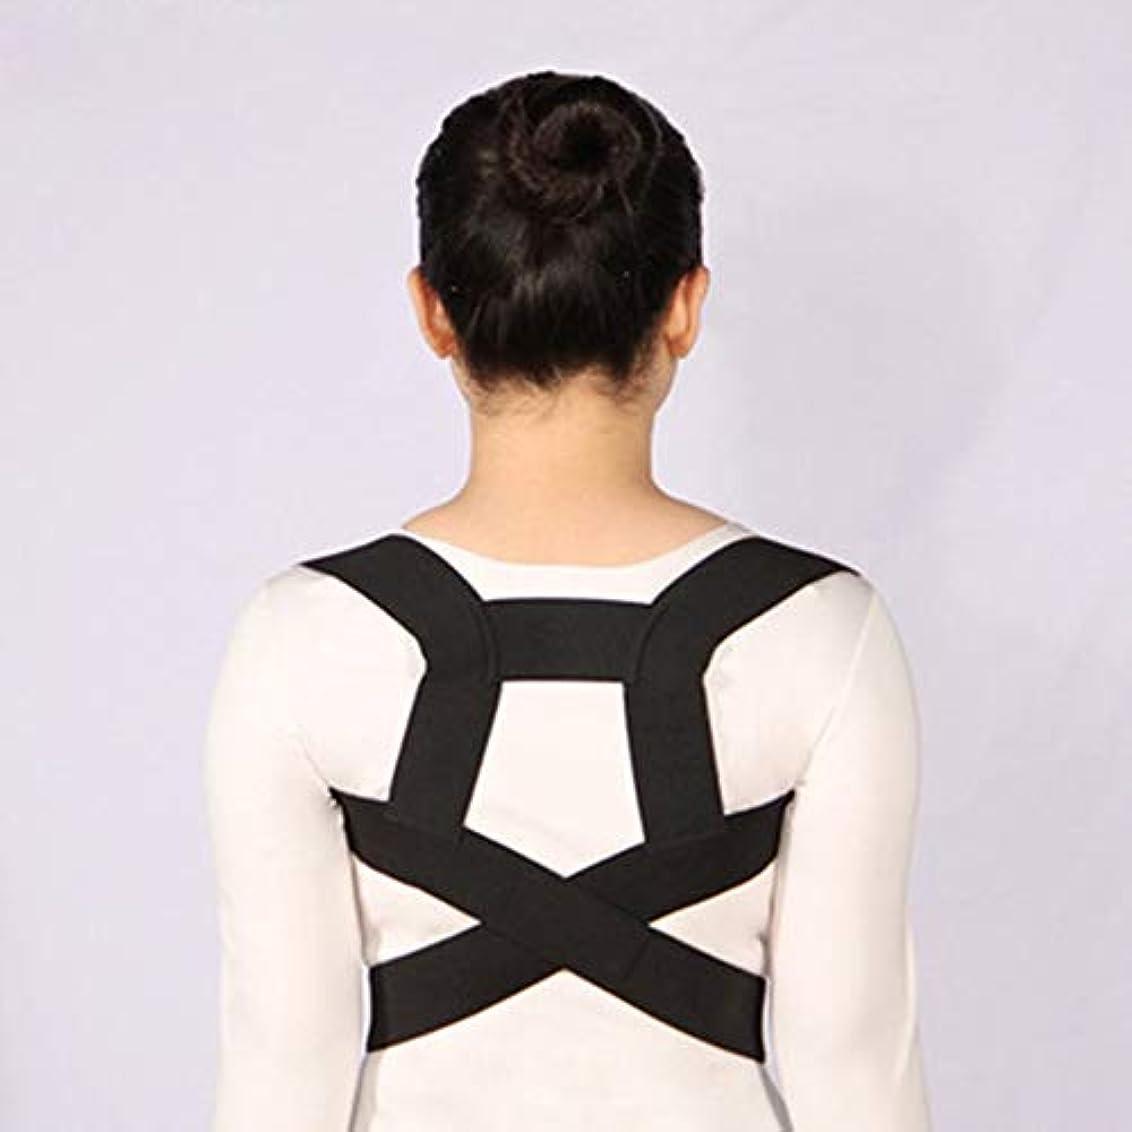 三十テスピアンキャンディー姿勢矯正側弯症ザトウクジラ補正ベルト調節可能な快適さ目に見えないベルト男性女性大人シンプル - 黒